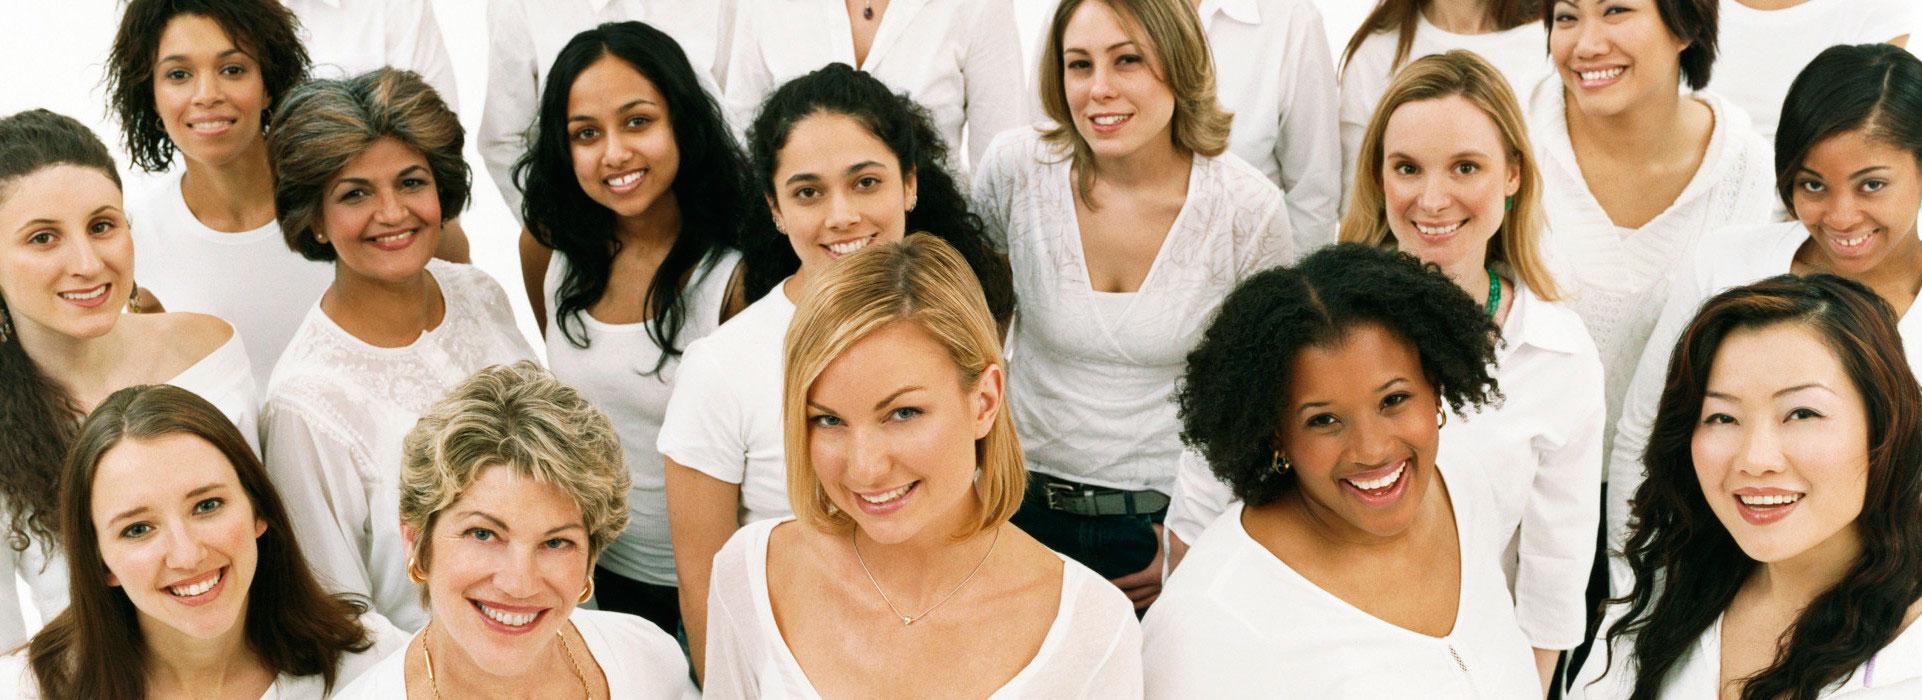 women-group-slider